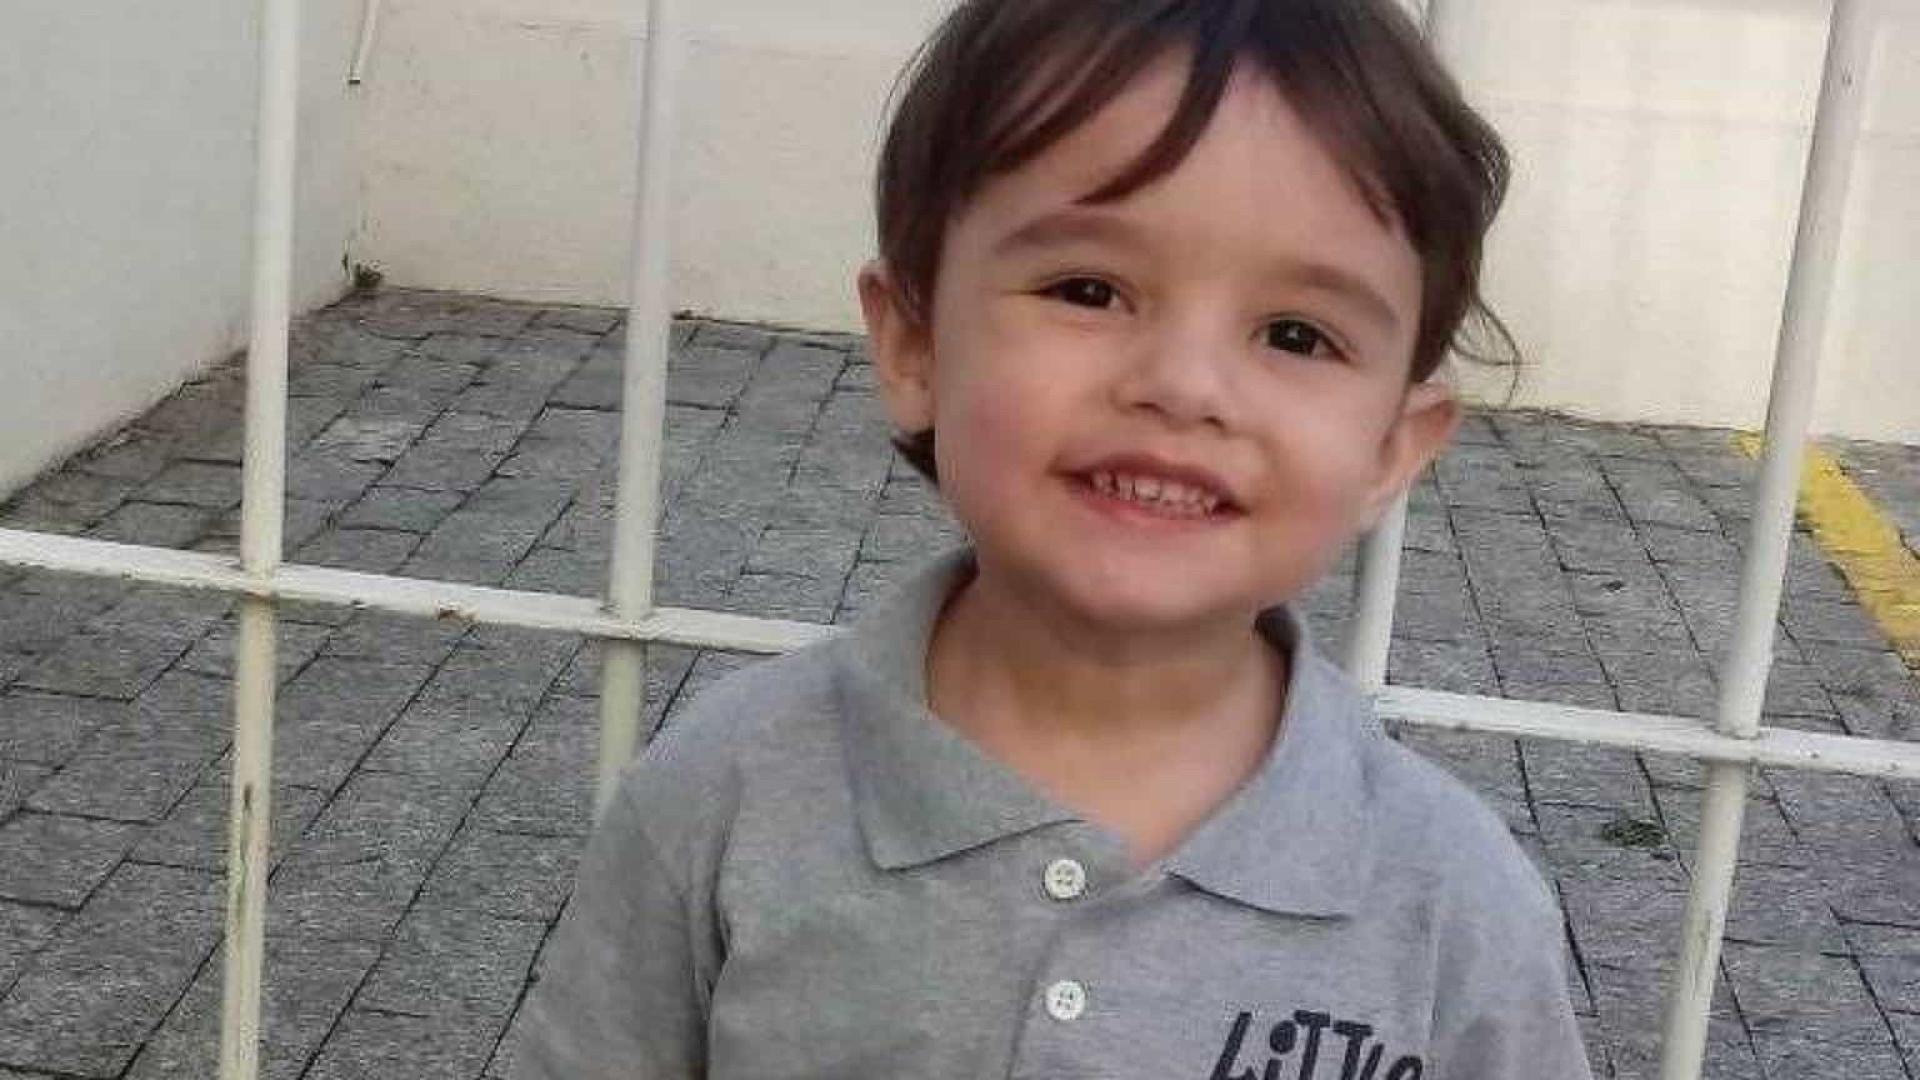 Mãe de menino de 3 anos morto em SP é indiciada por homicídio qualificado